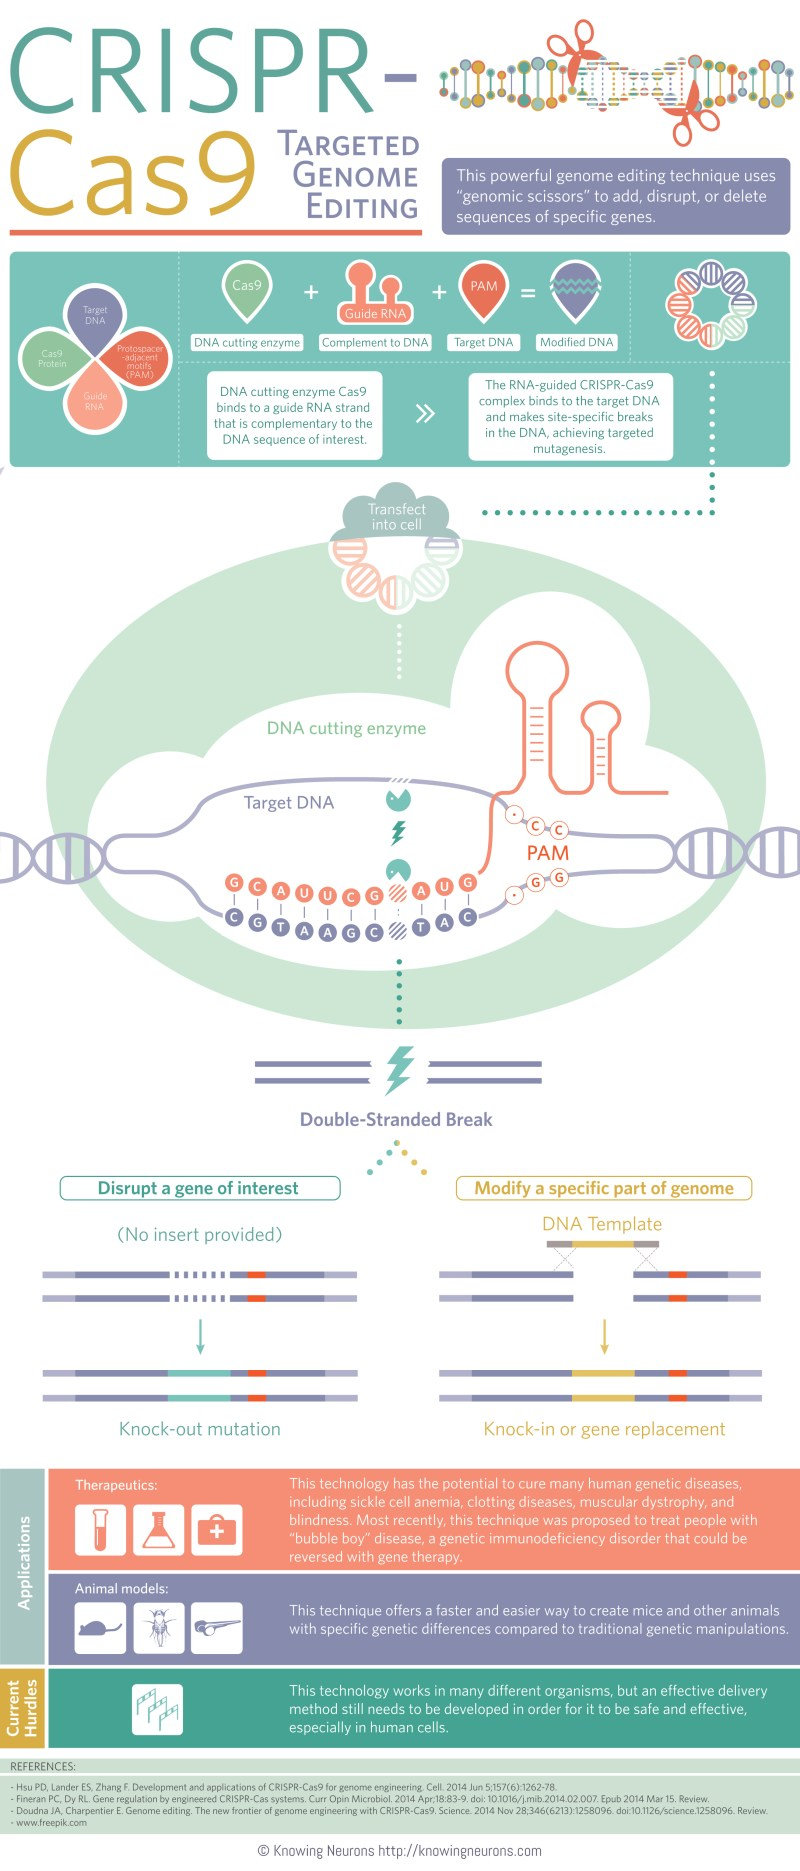 CRISPR_Updated_FINAL_size